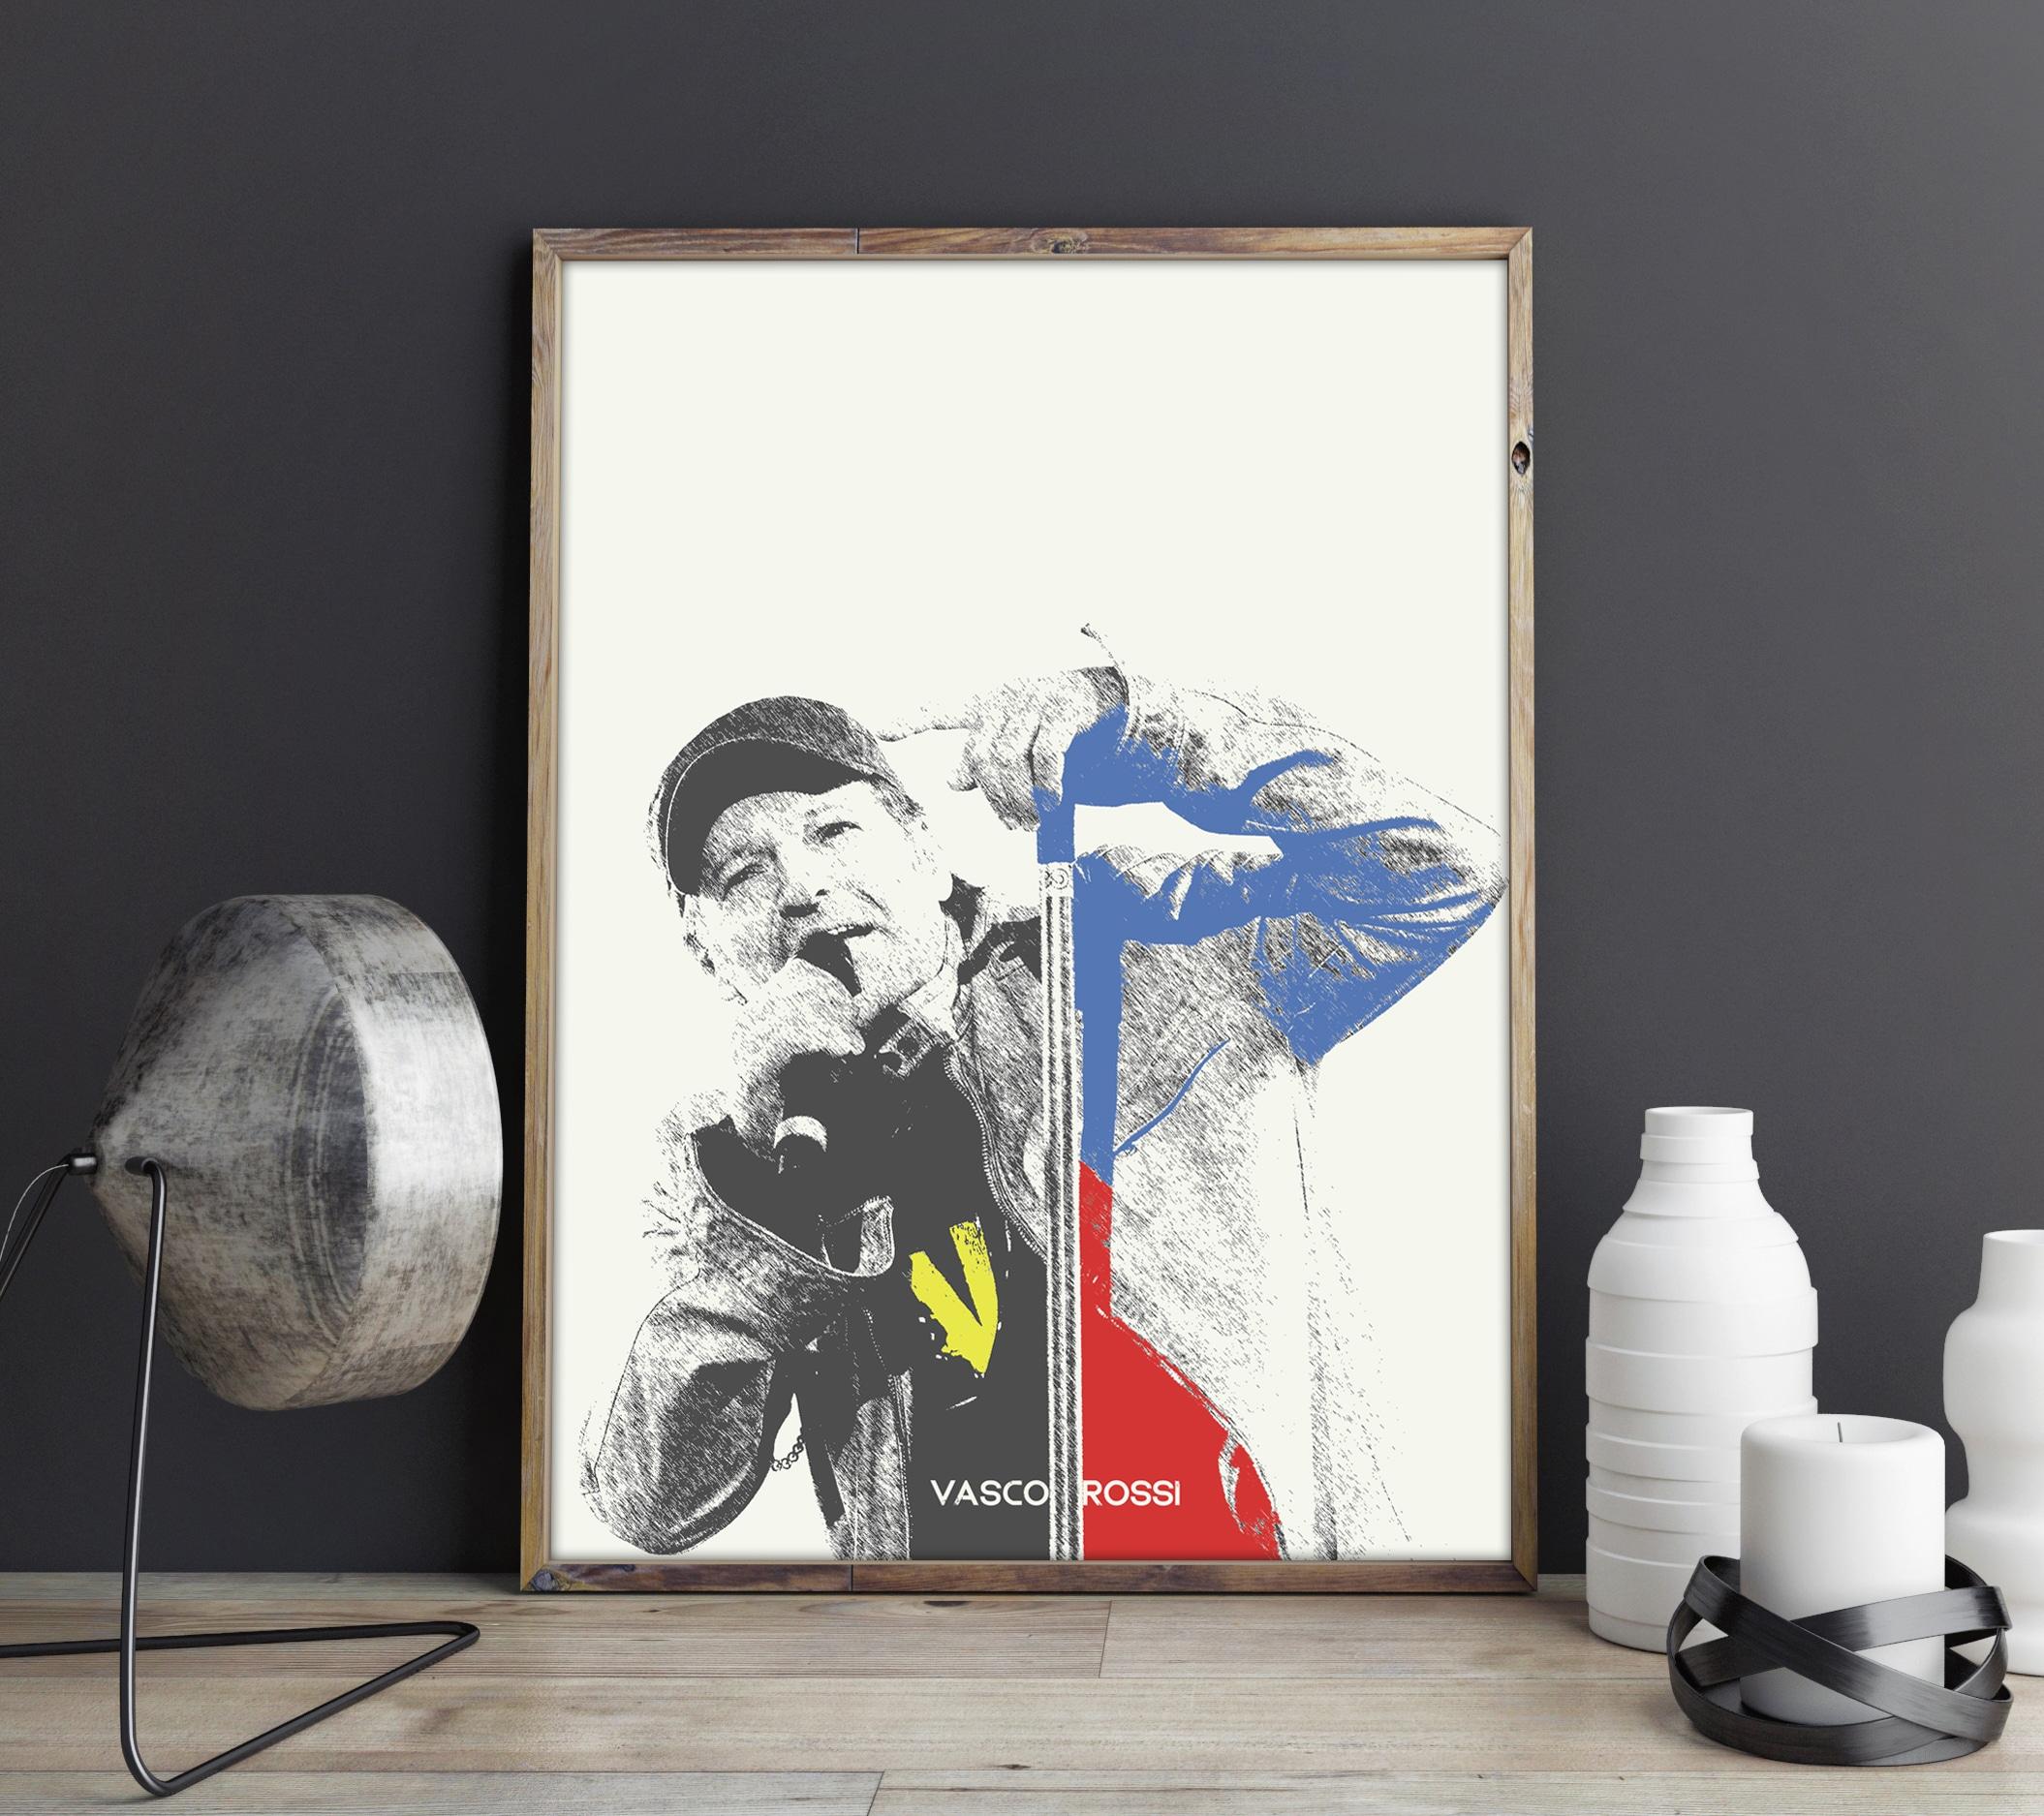 Favoloso Poster Personalizzabile Idea Regalo Fan di Vasco Rossi | Olalla VI39